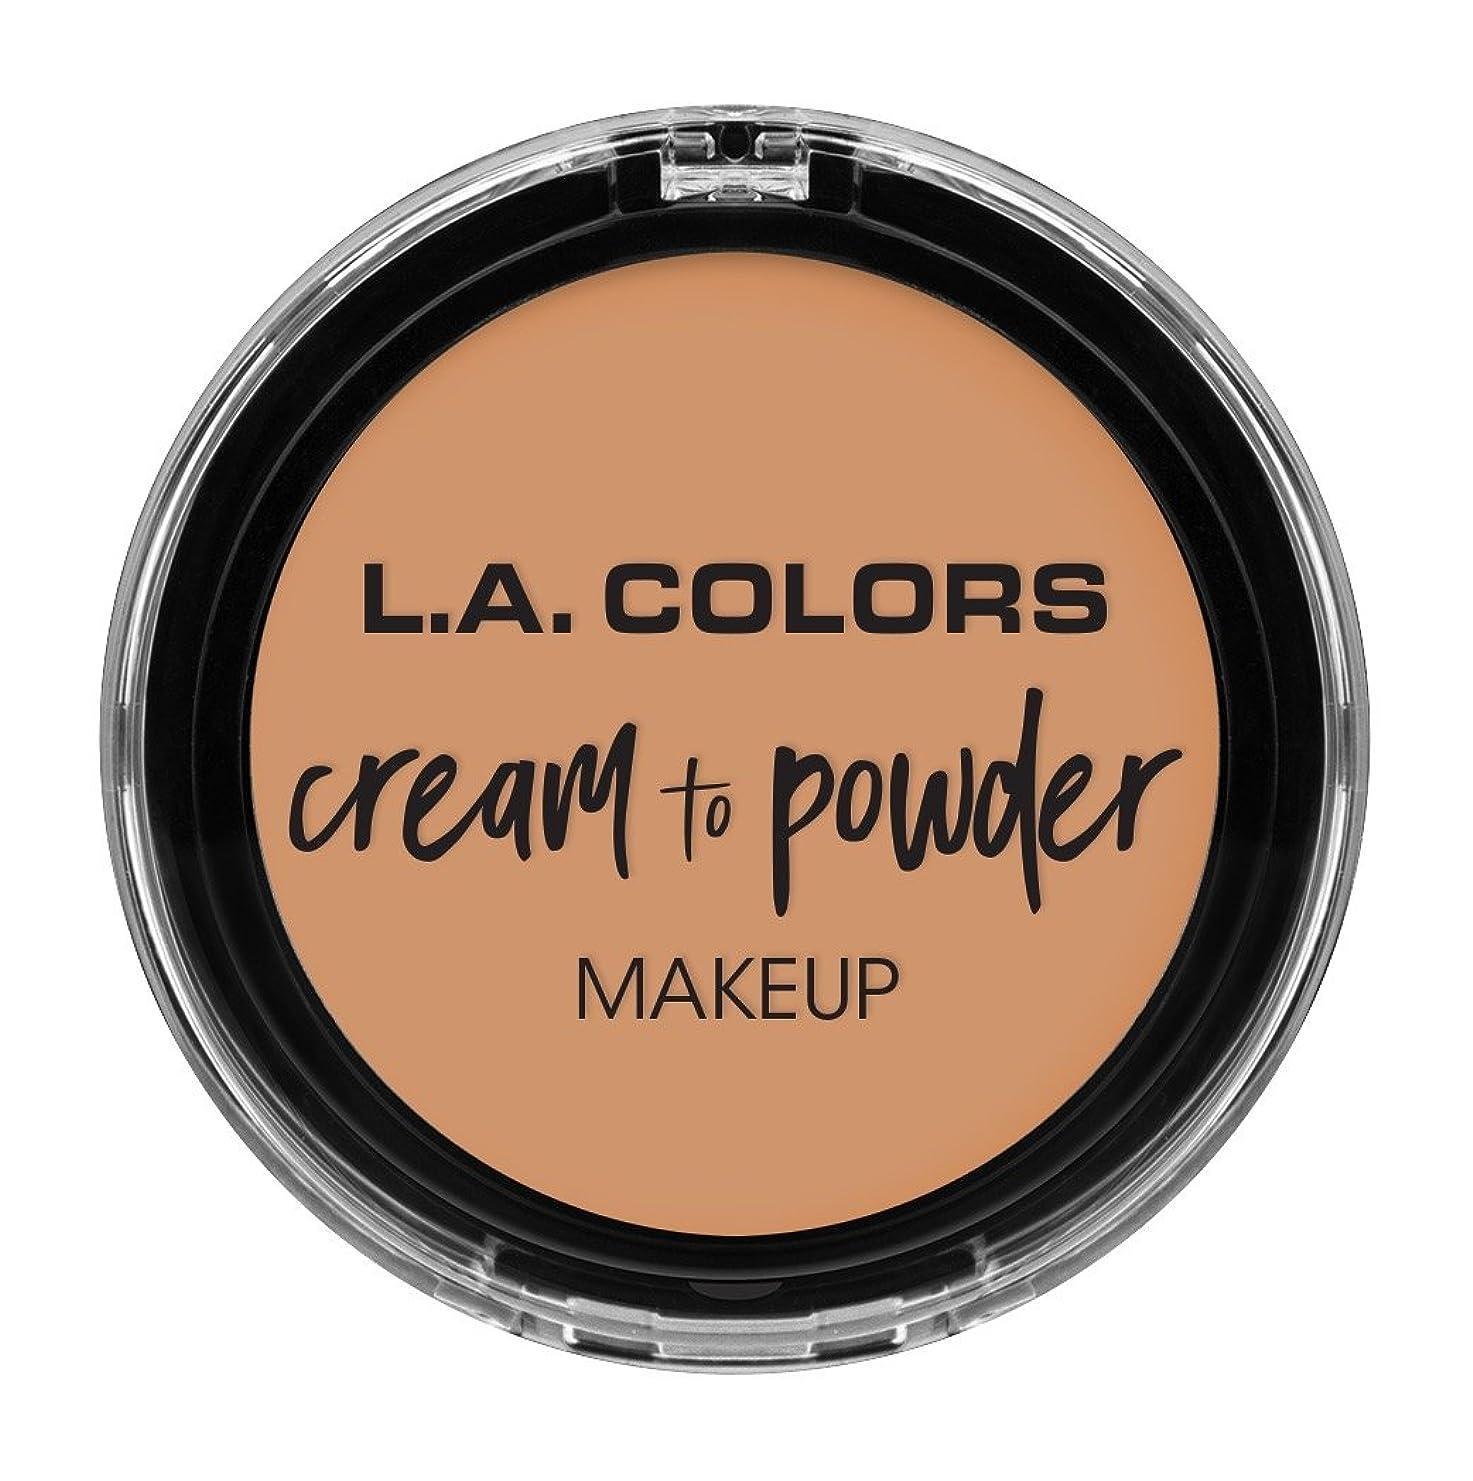 構成ハング排除するL.A. COLORS Cream To Powder Foundation - Natural (並行輸入品)